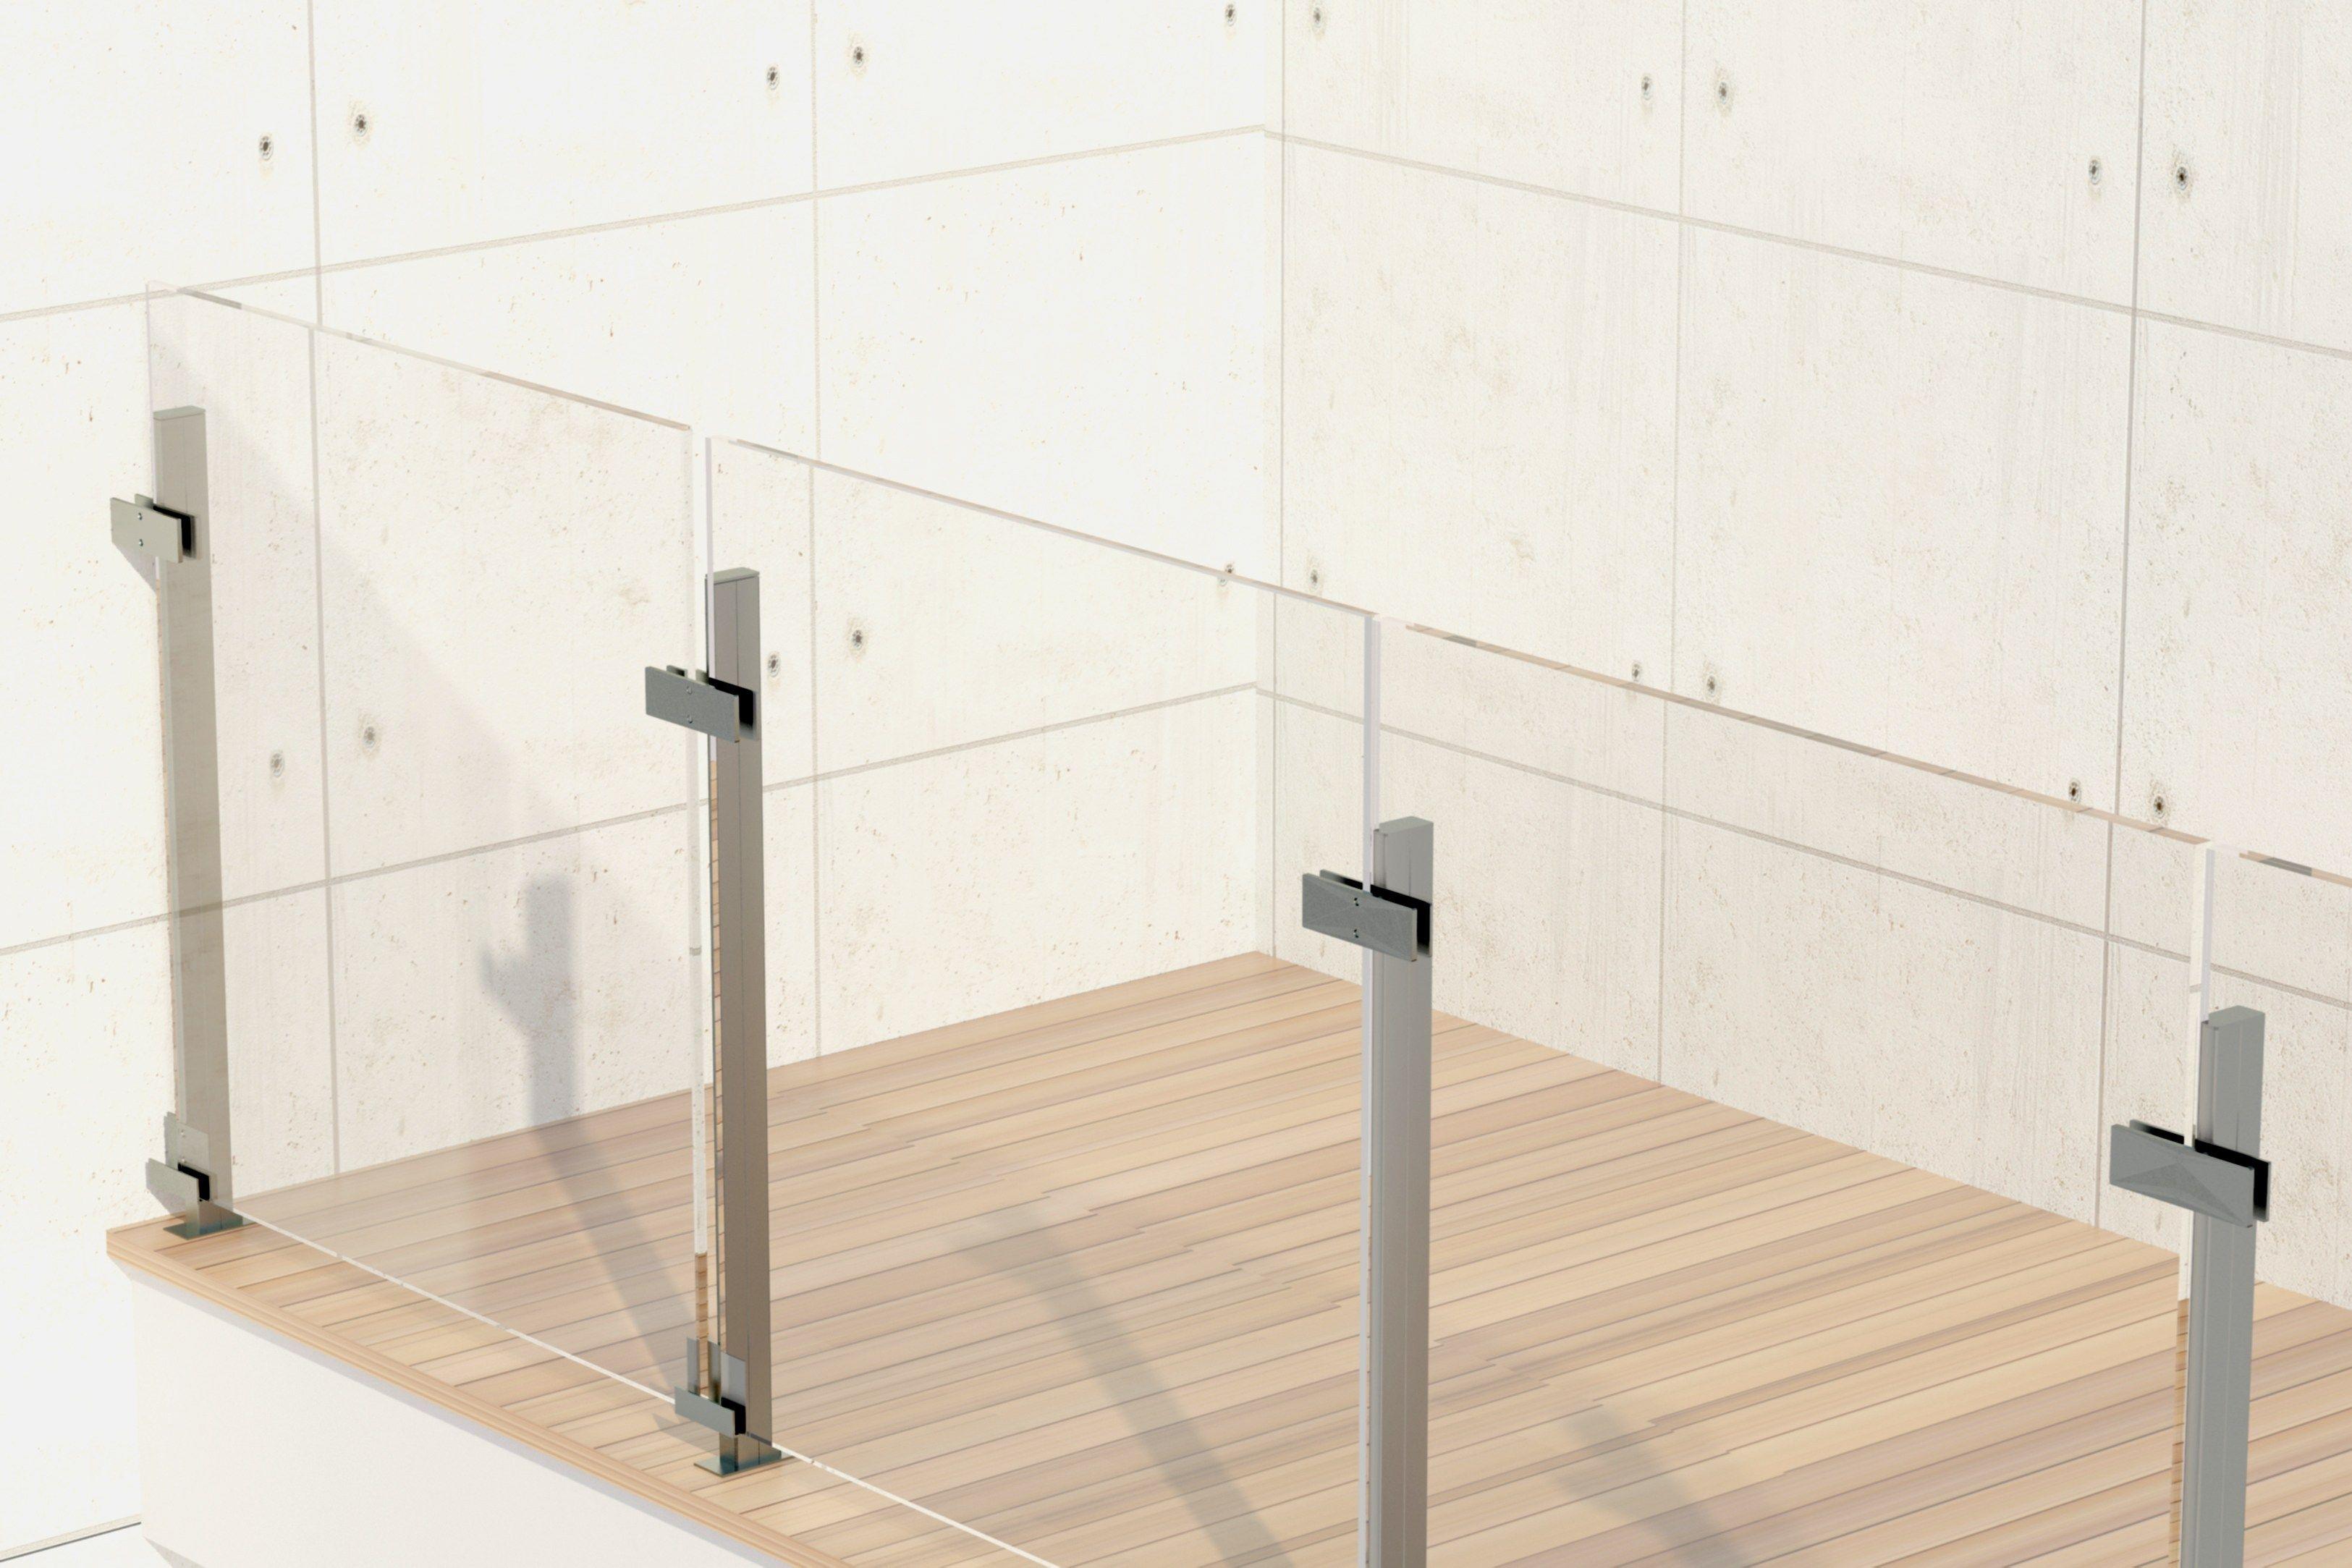 Baranda de escalera en aluminio y vidrio para balcones for Detalle barandilla vidrio